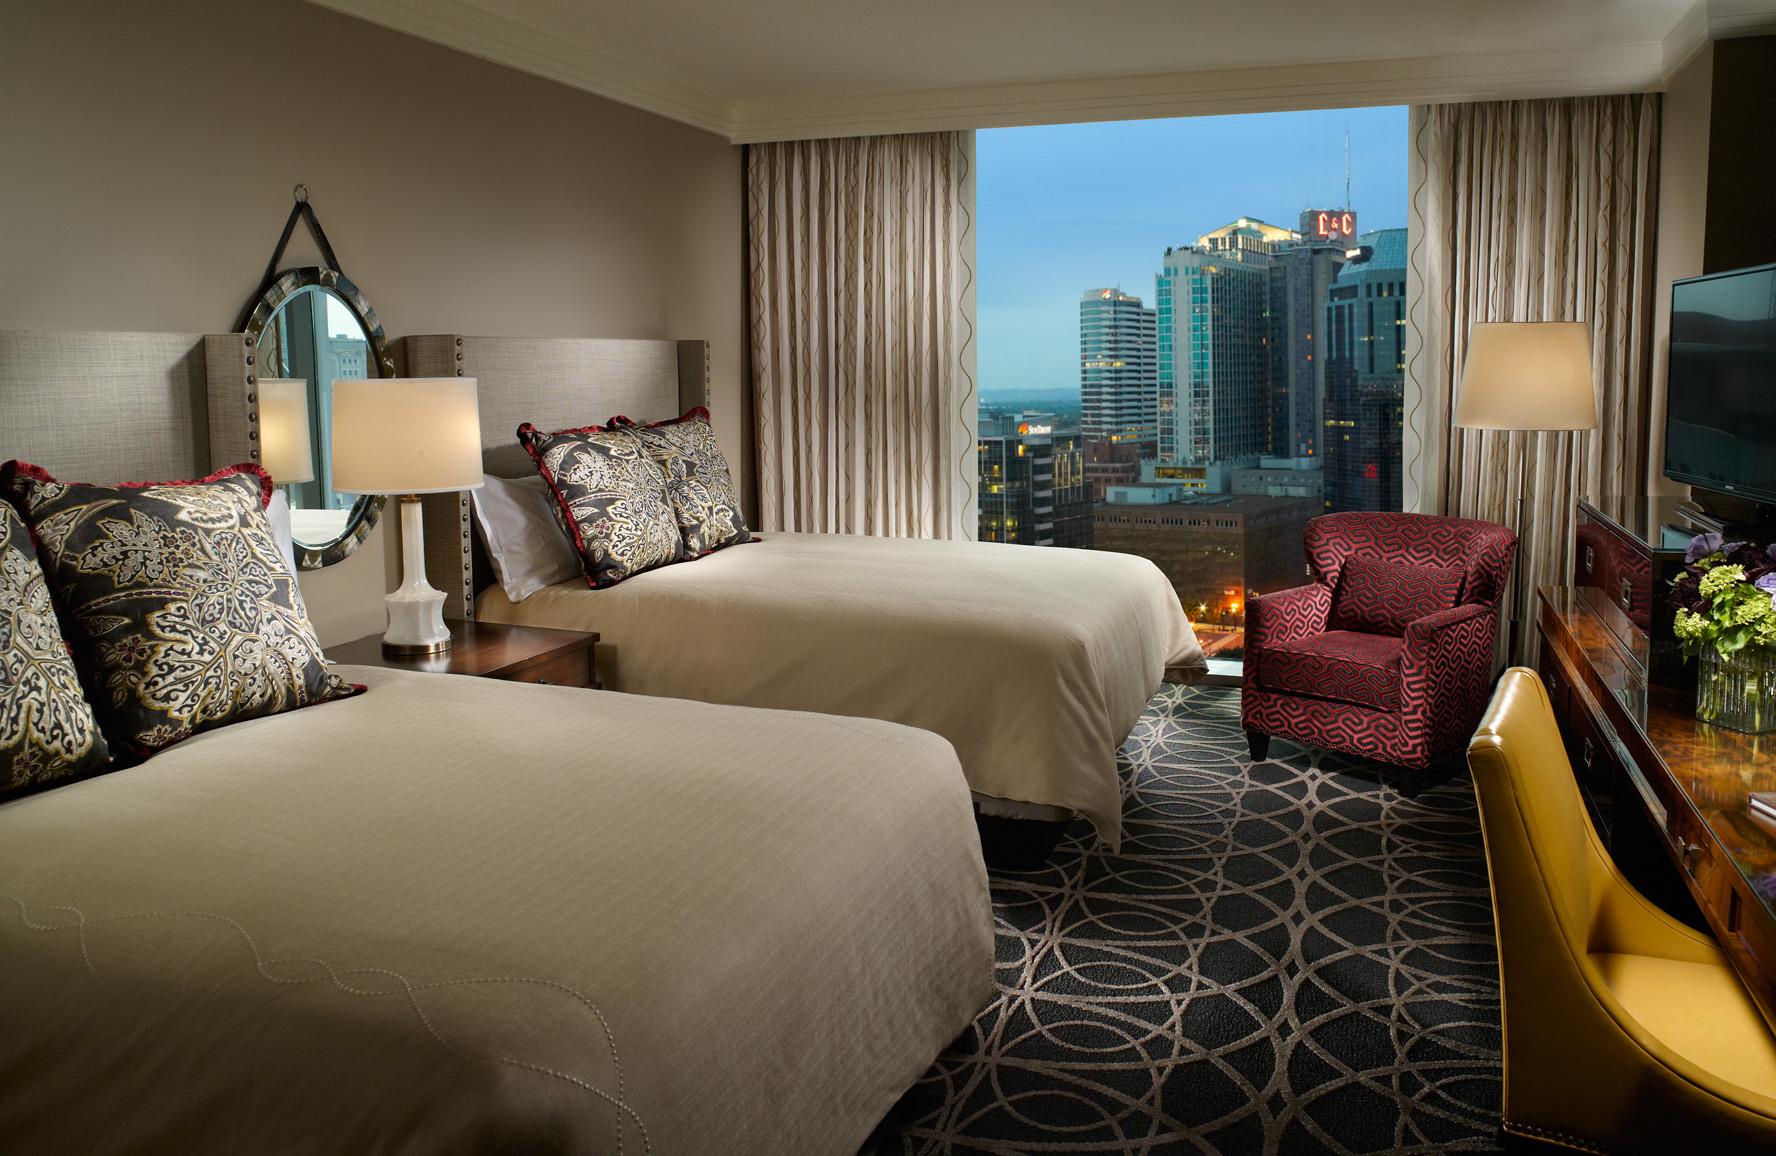 Omni Nashville Hotel image 2